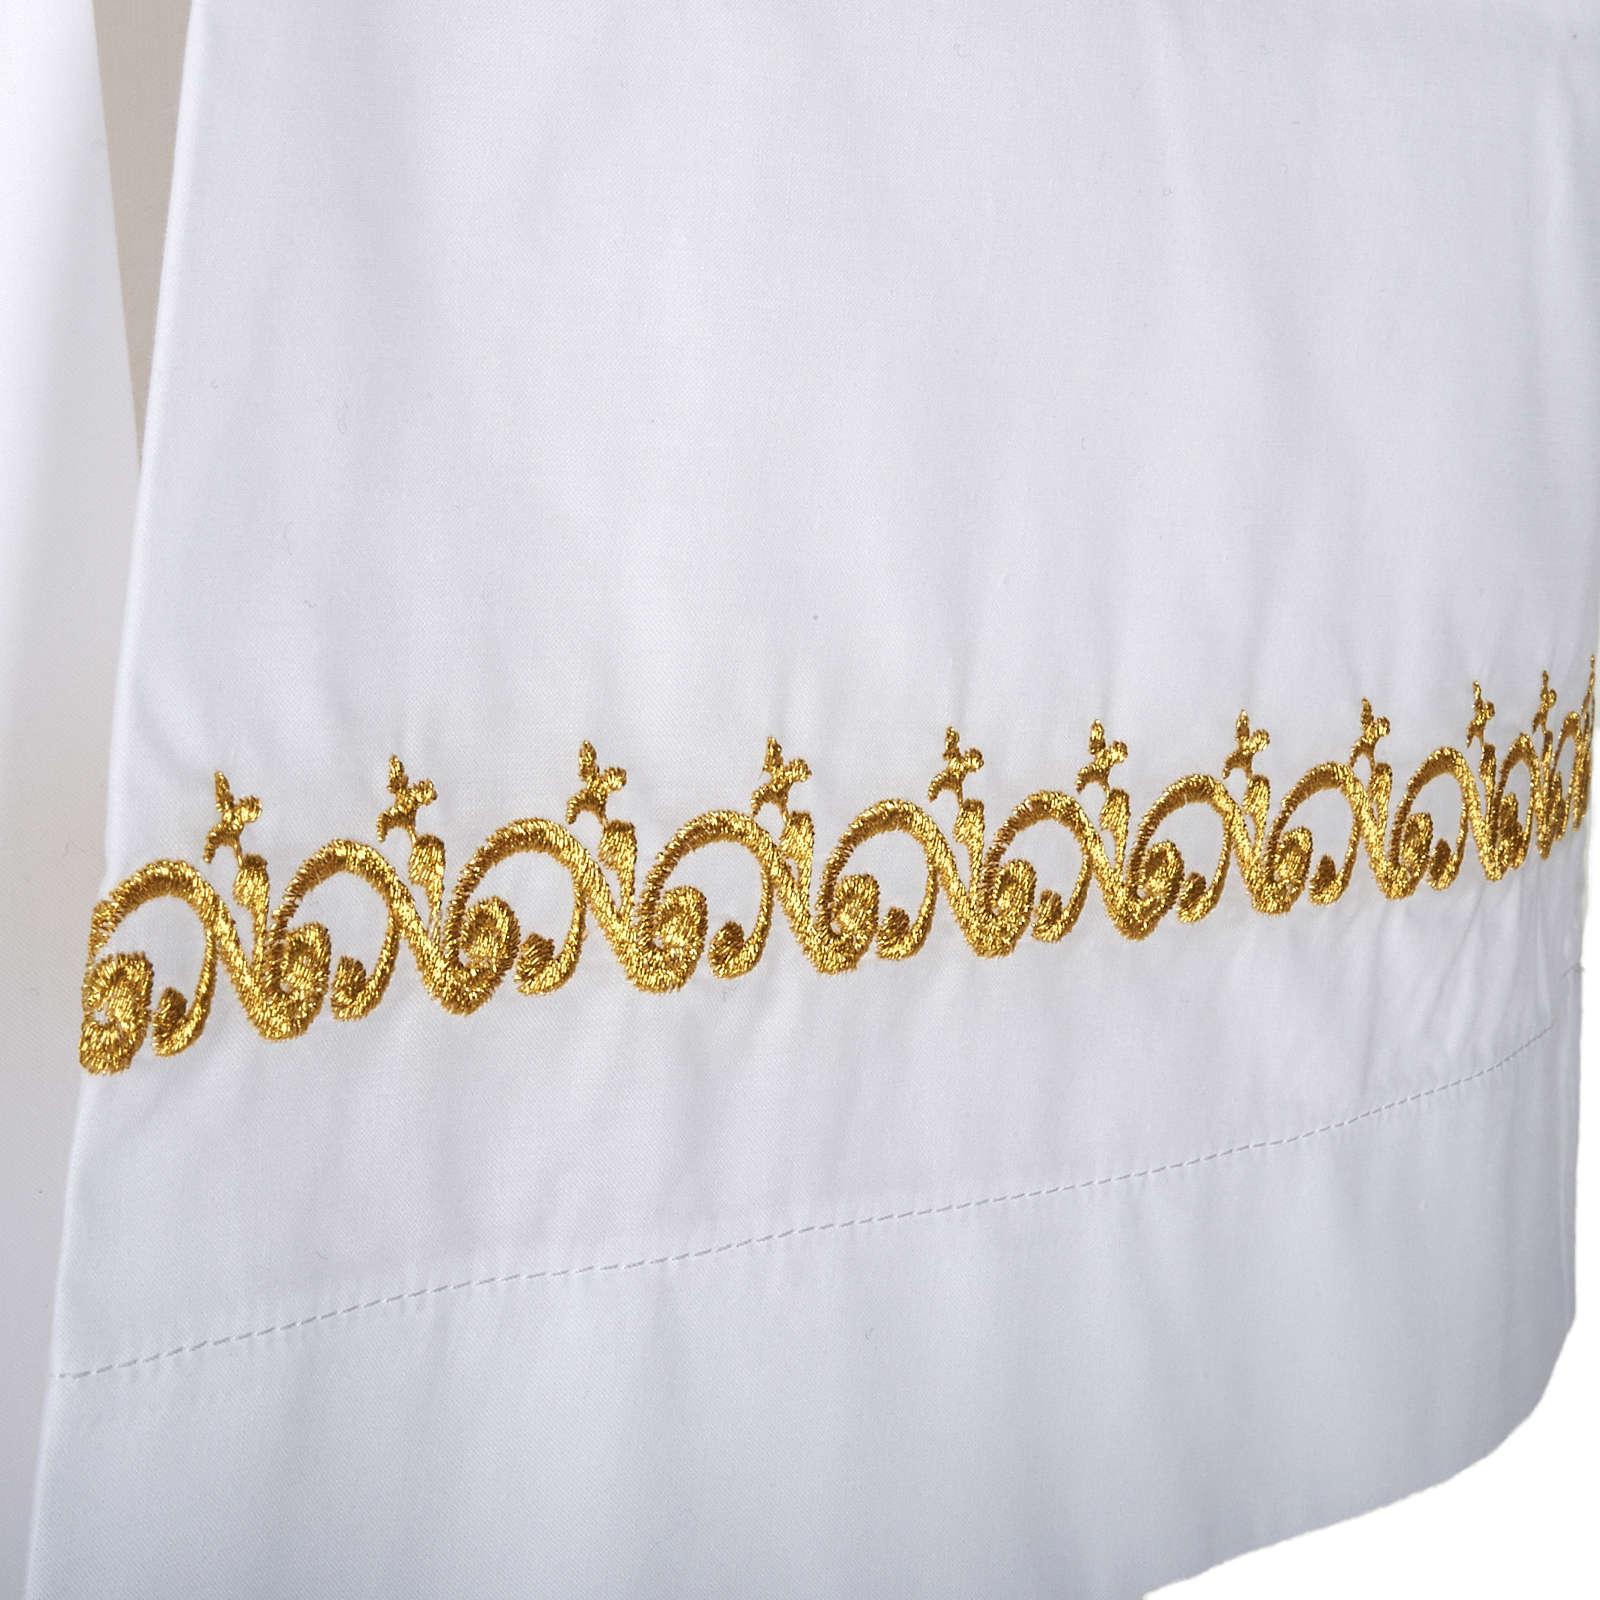 Camice bianco lana decori dorati 4